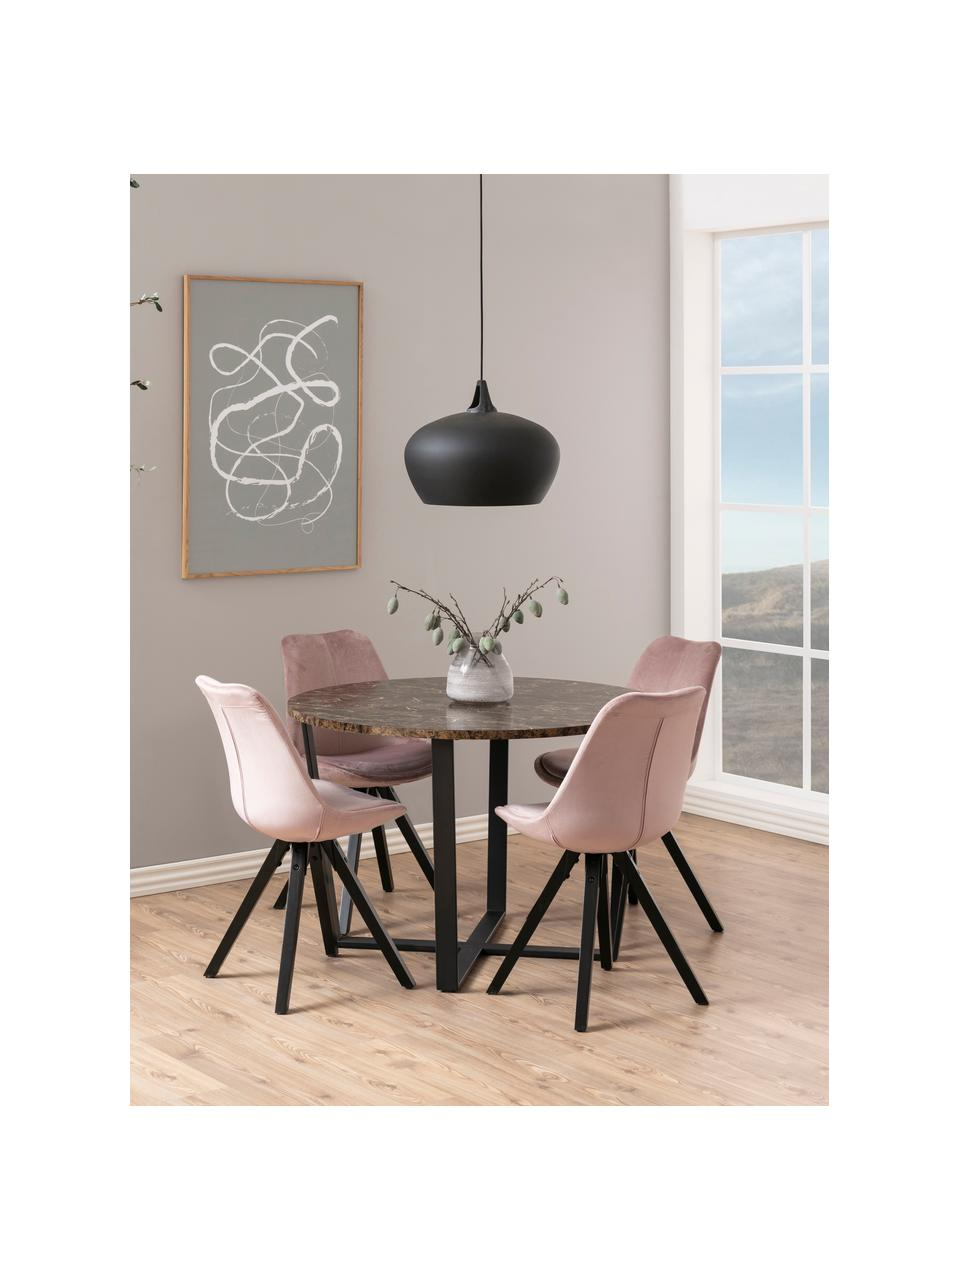 Ronde eettafel Amble met tafelblad in marmerlook, Tafelblad: MDF, melamine bekleed, Bruin, gemarmerd, zwart, Ø 110 x H 75 cm